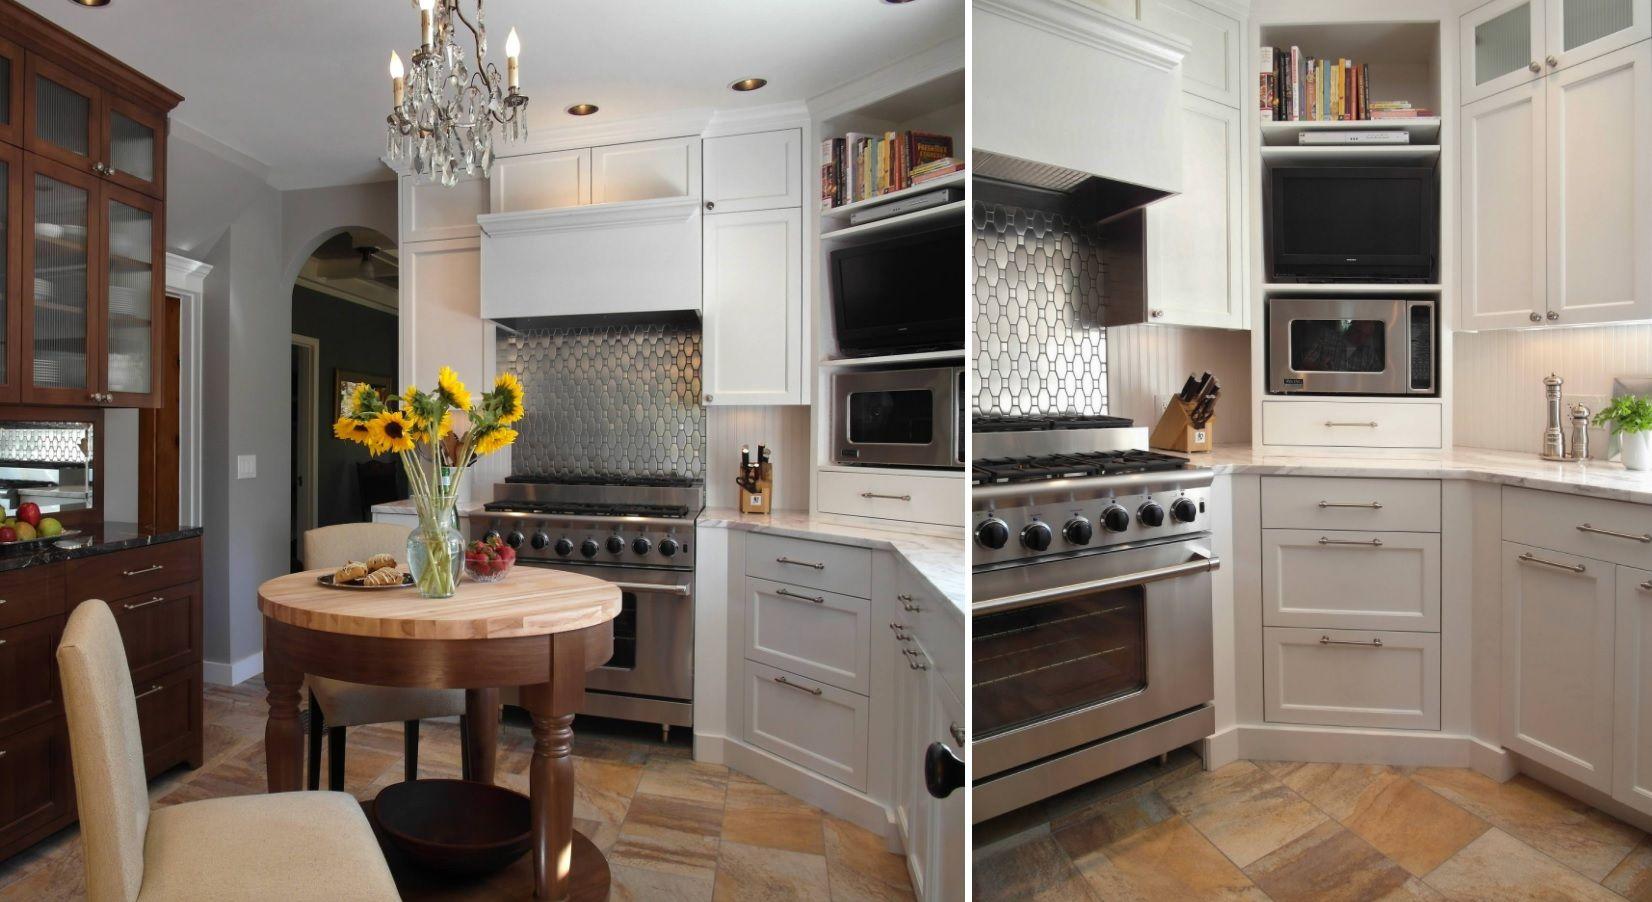 EckschrankIdeen die Ihren Küchenraum optimieren  Küche